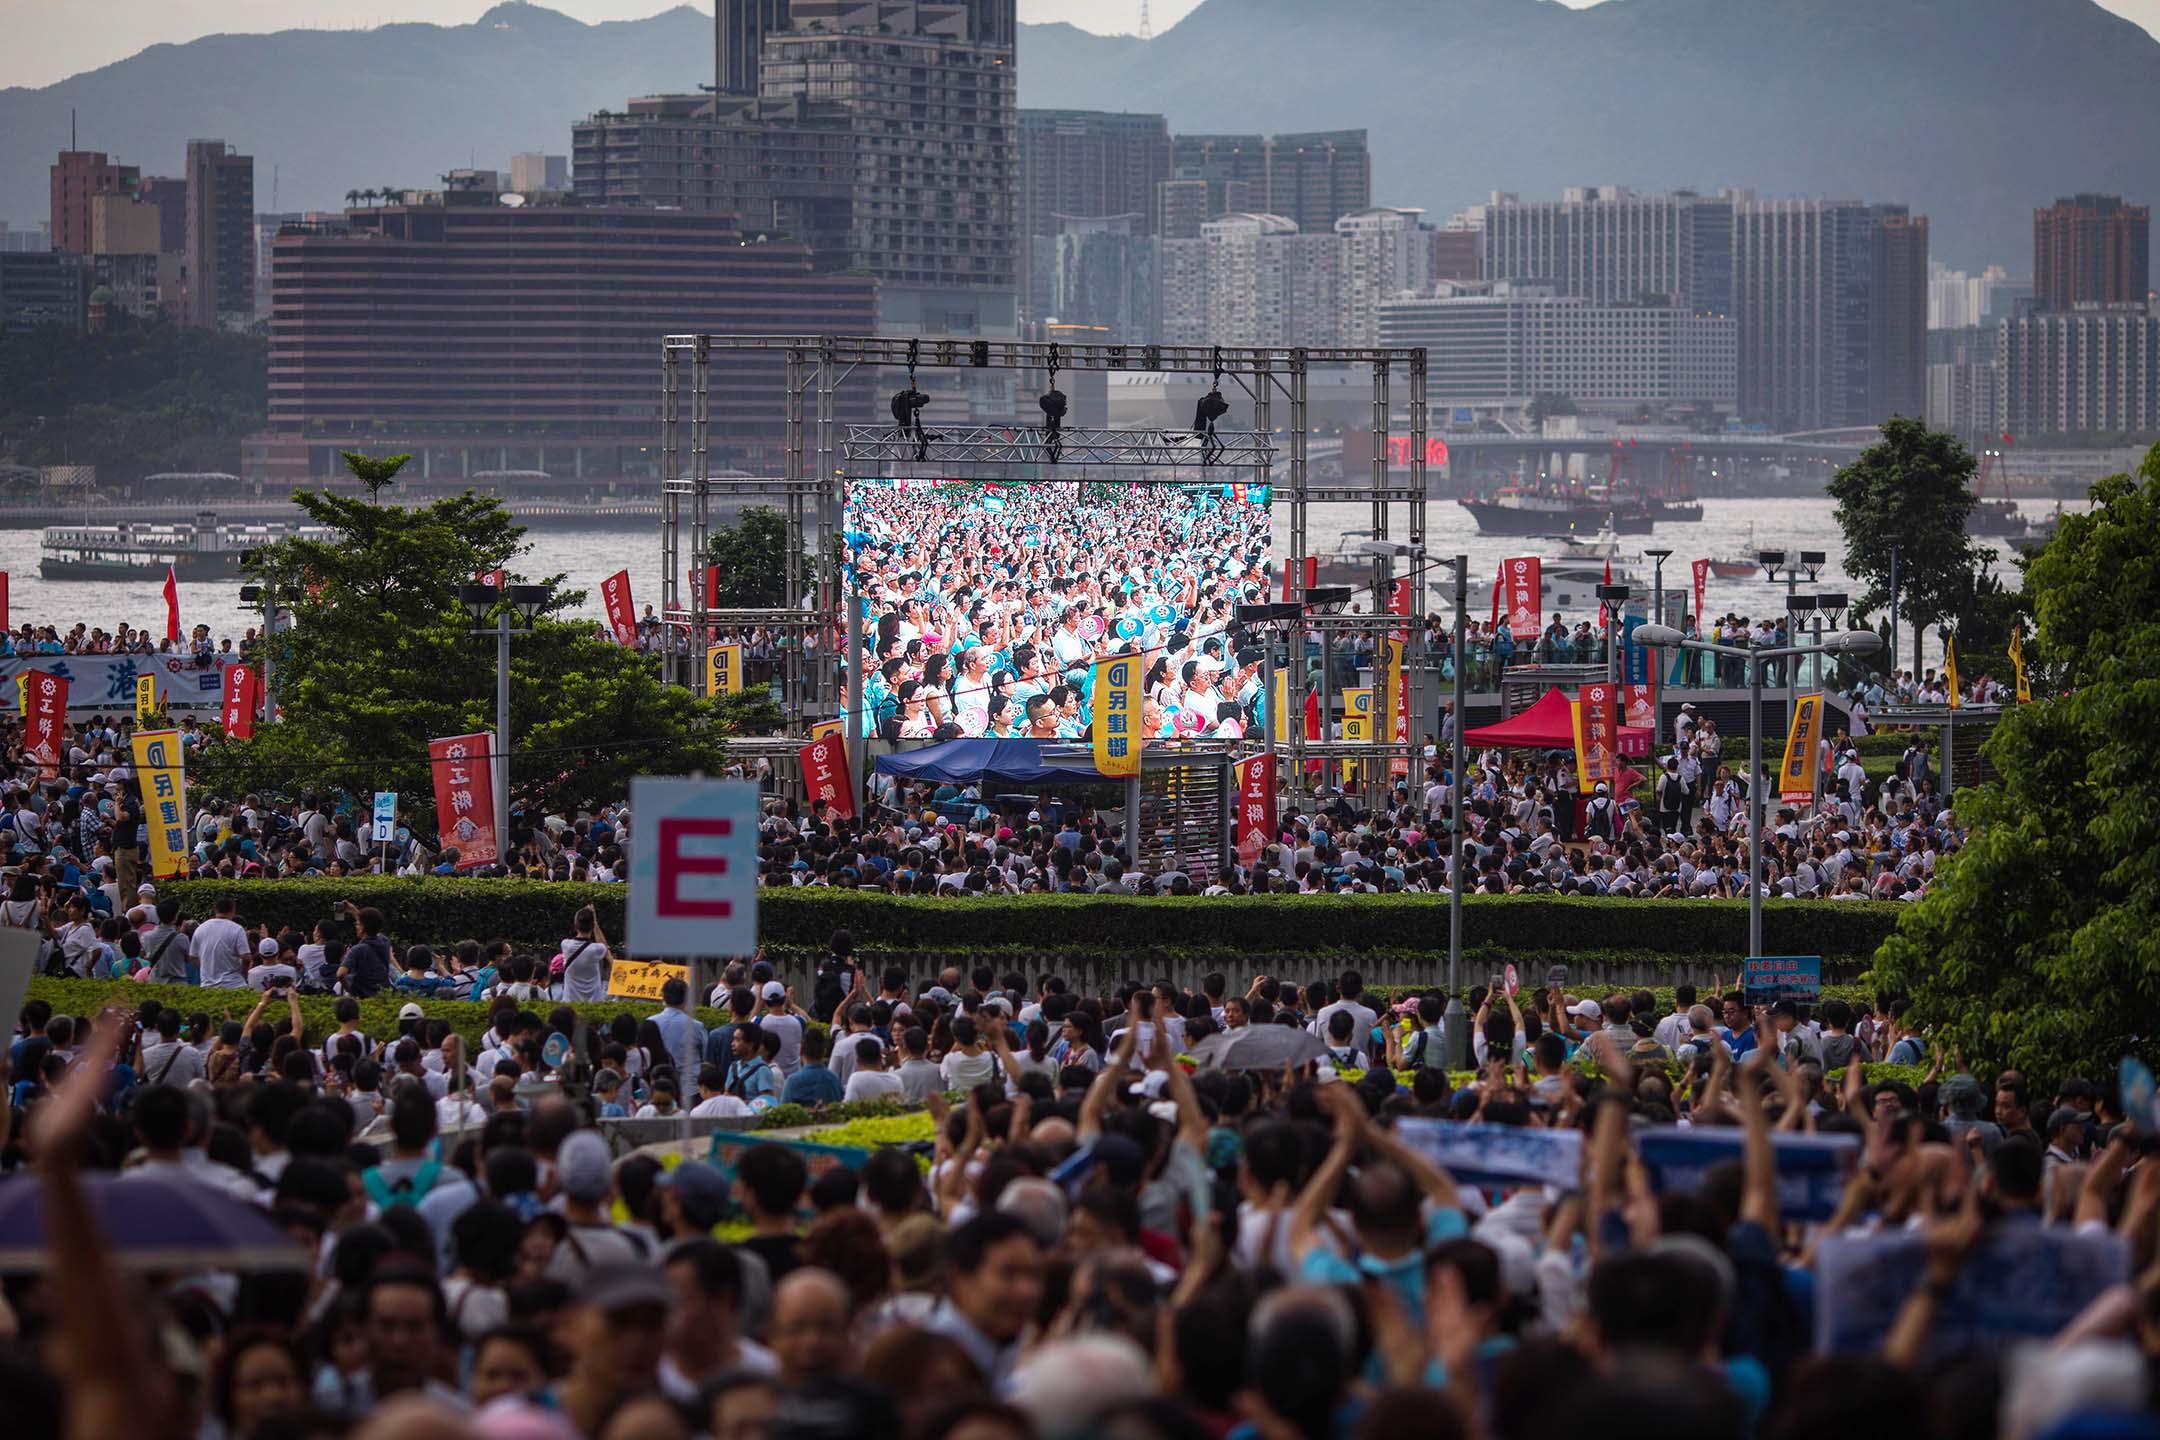 2019年7月20日,金鐘「守護香港」大集會,大會宣布,共有31.6萬人出席集會;警方就說最高峰有10萬3千人參加。 攝:陳焯煇/端傳媒